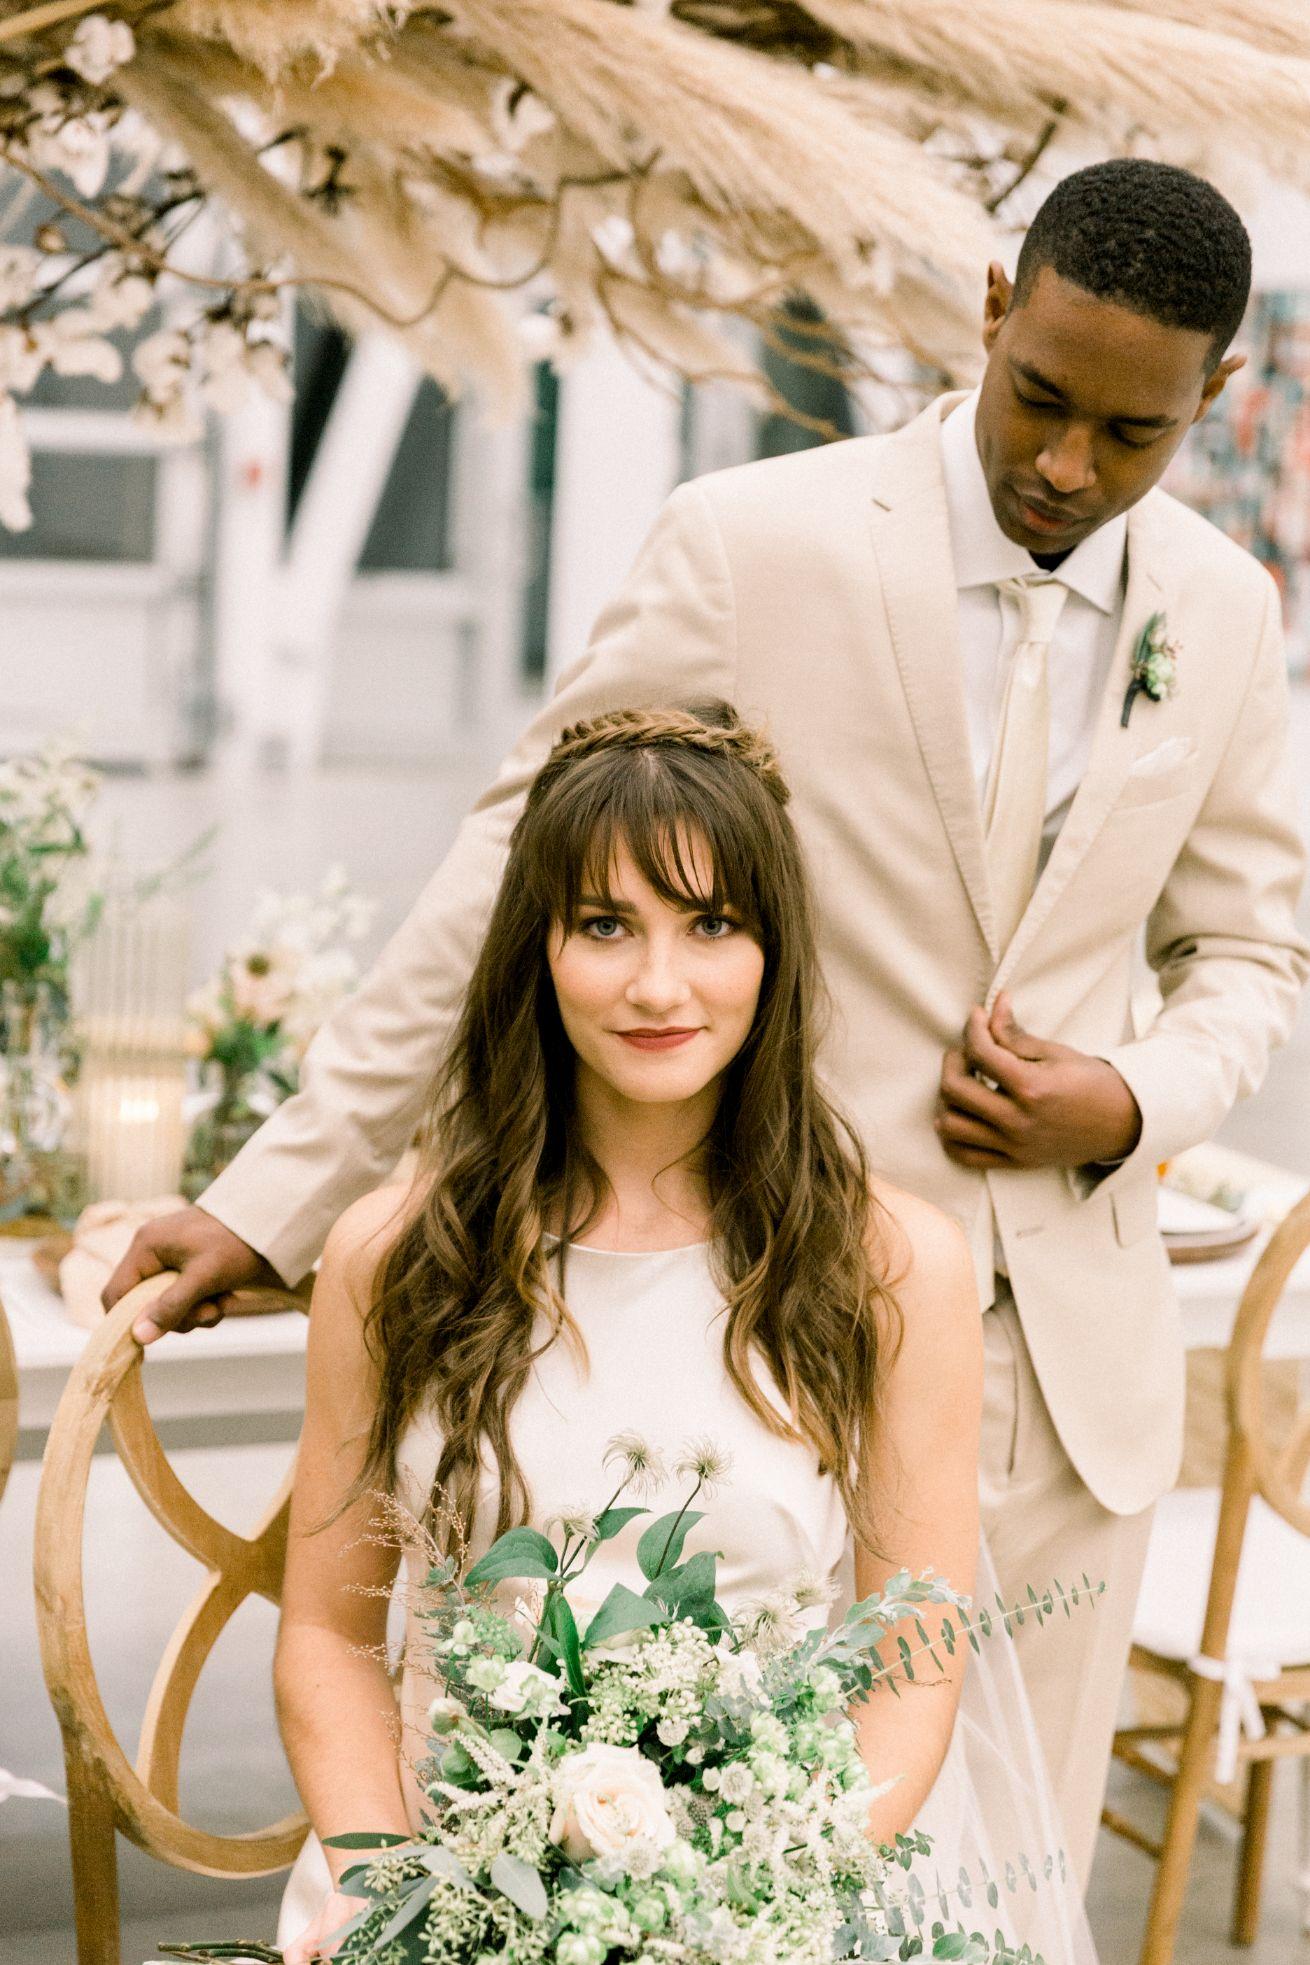 artists-for-humanity-industrial-bohemian-wedding-daylynn-designs260.jpg